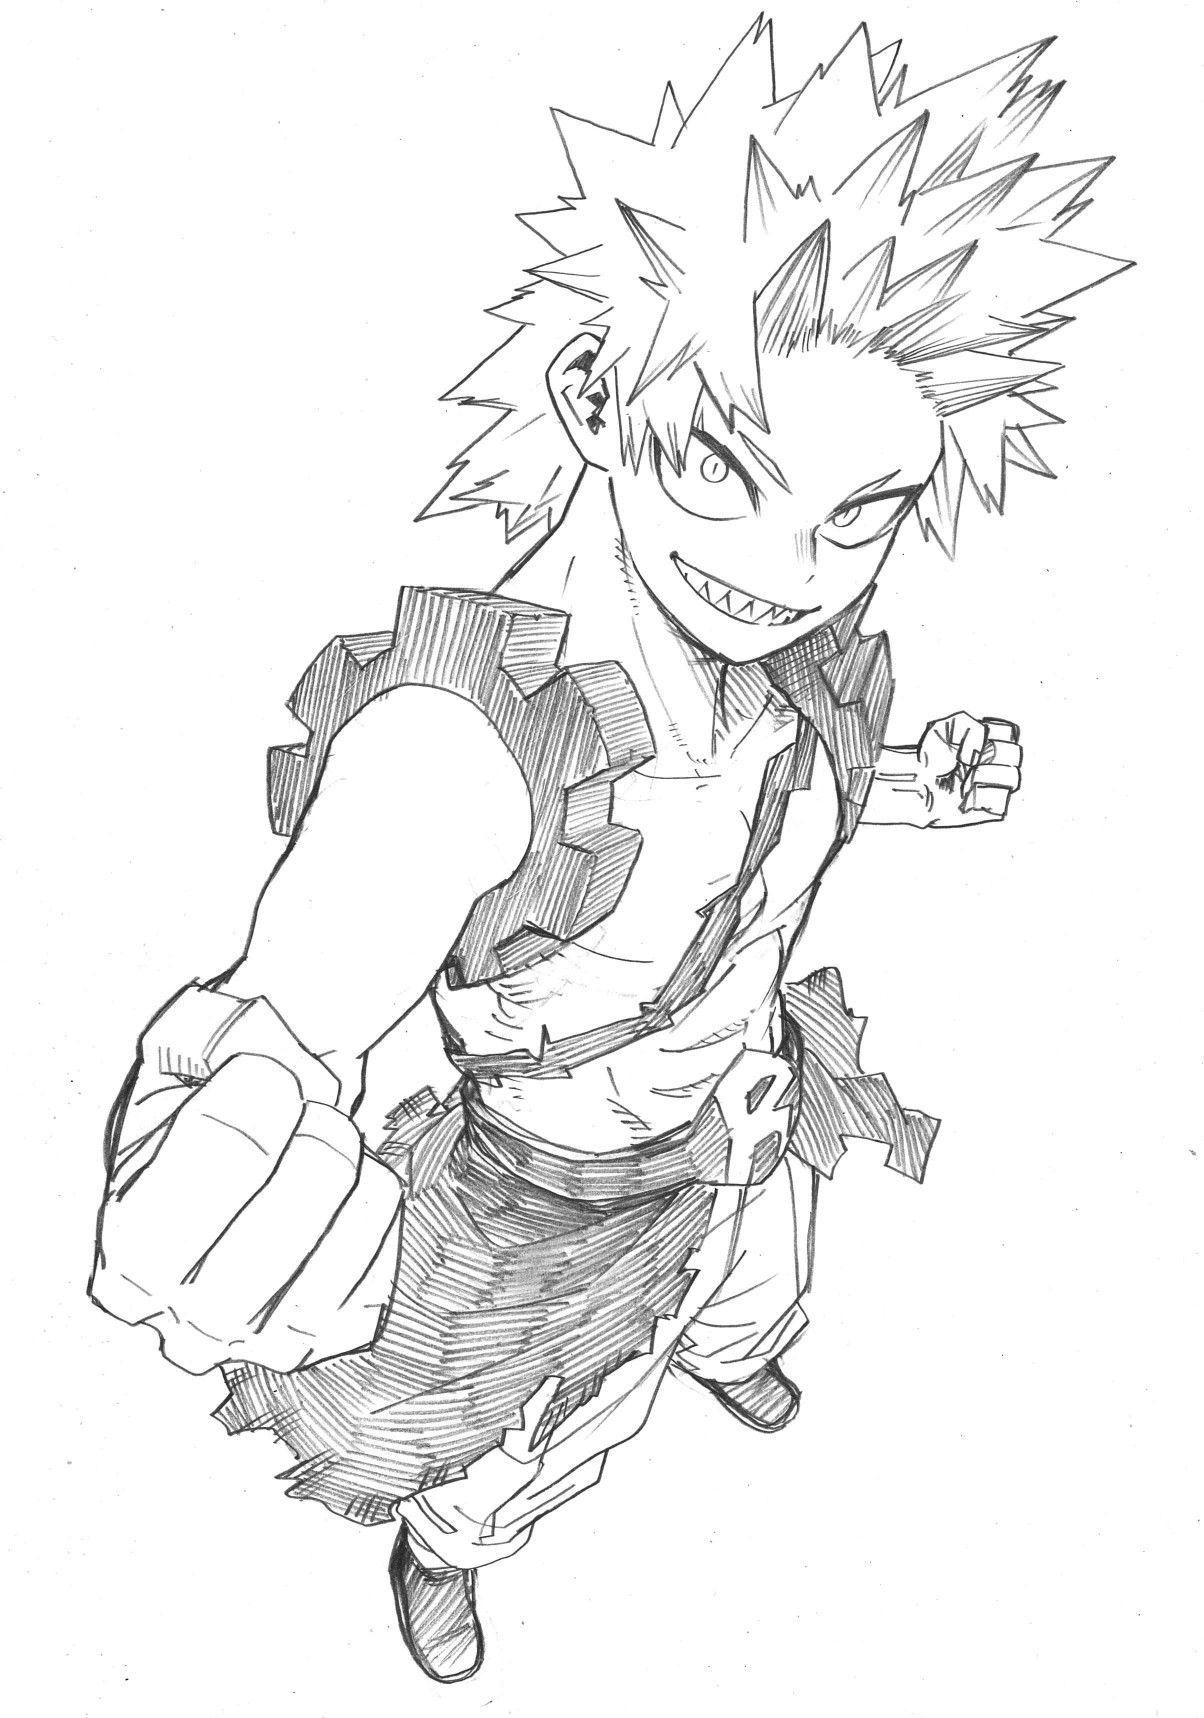 Horikoshi Sketch Kirishima Eijirou Bnha Kirishima My Hero Academia Kirishima Eijirou Hero